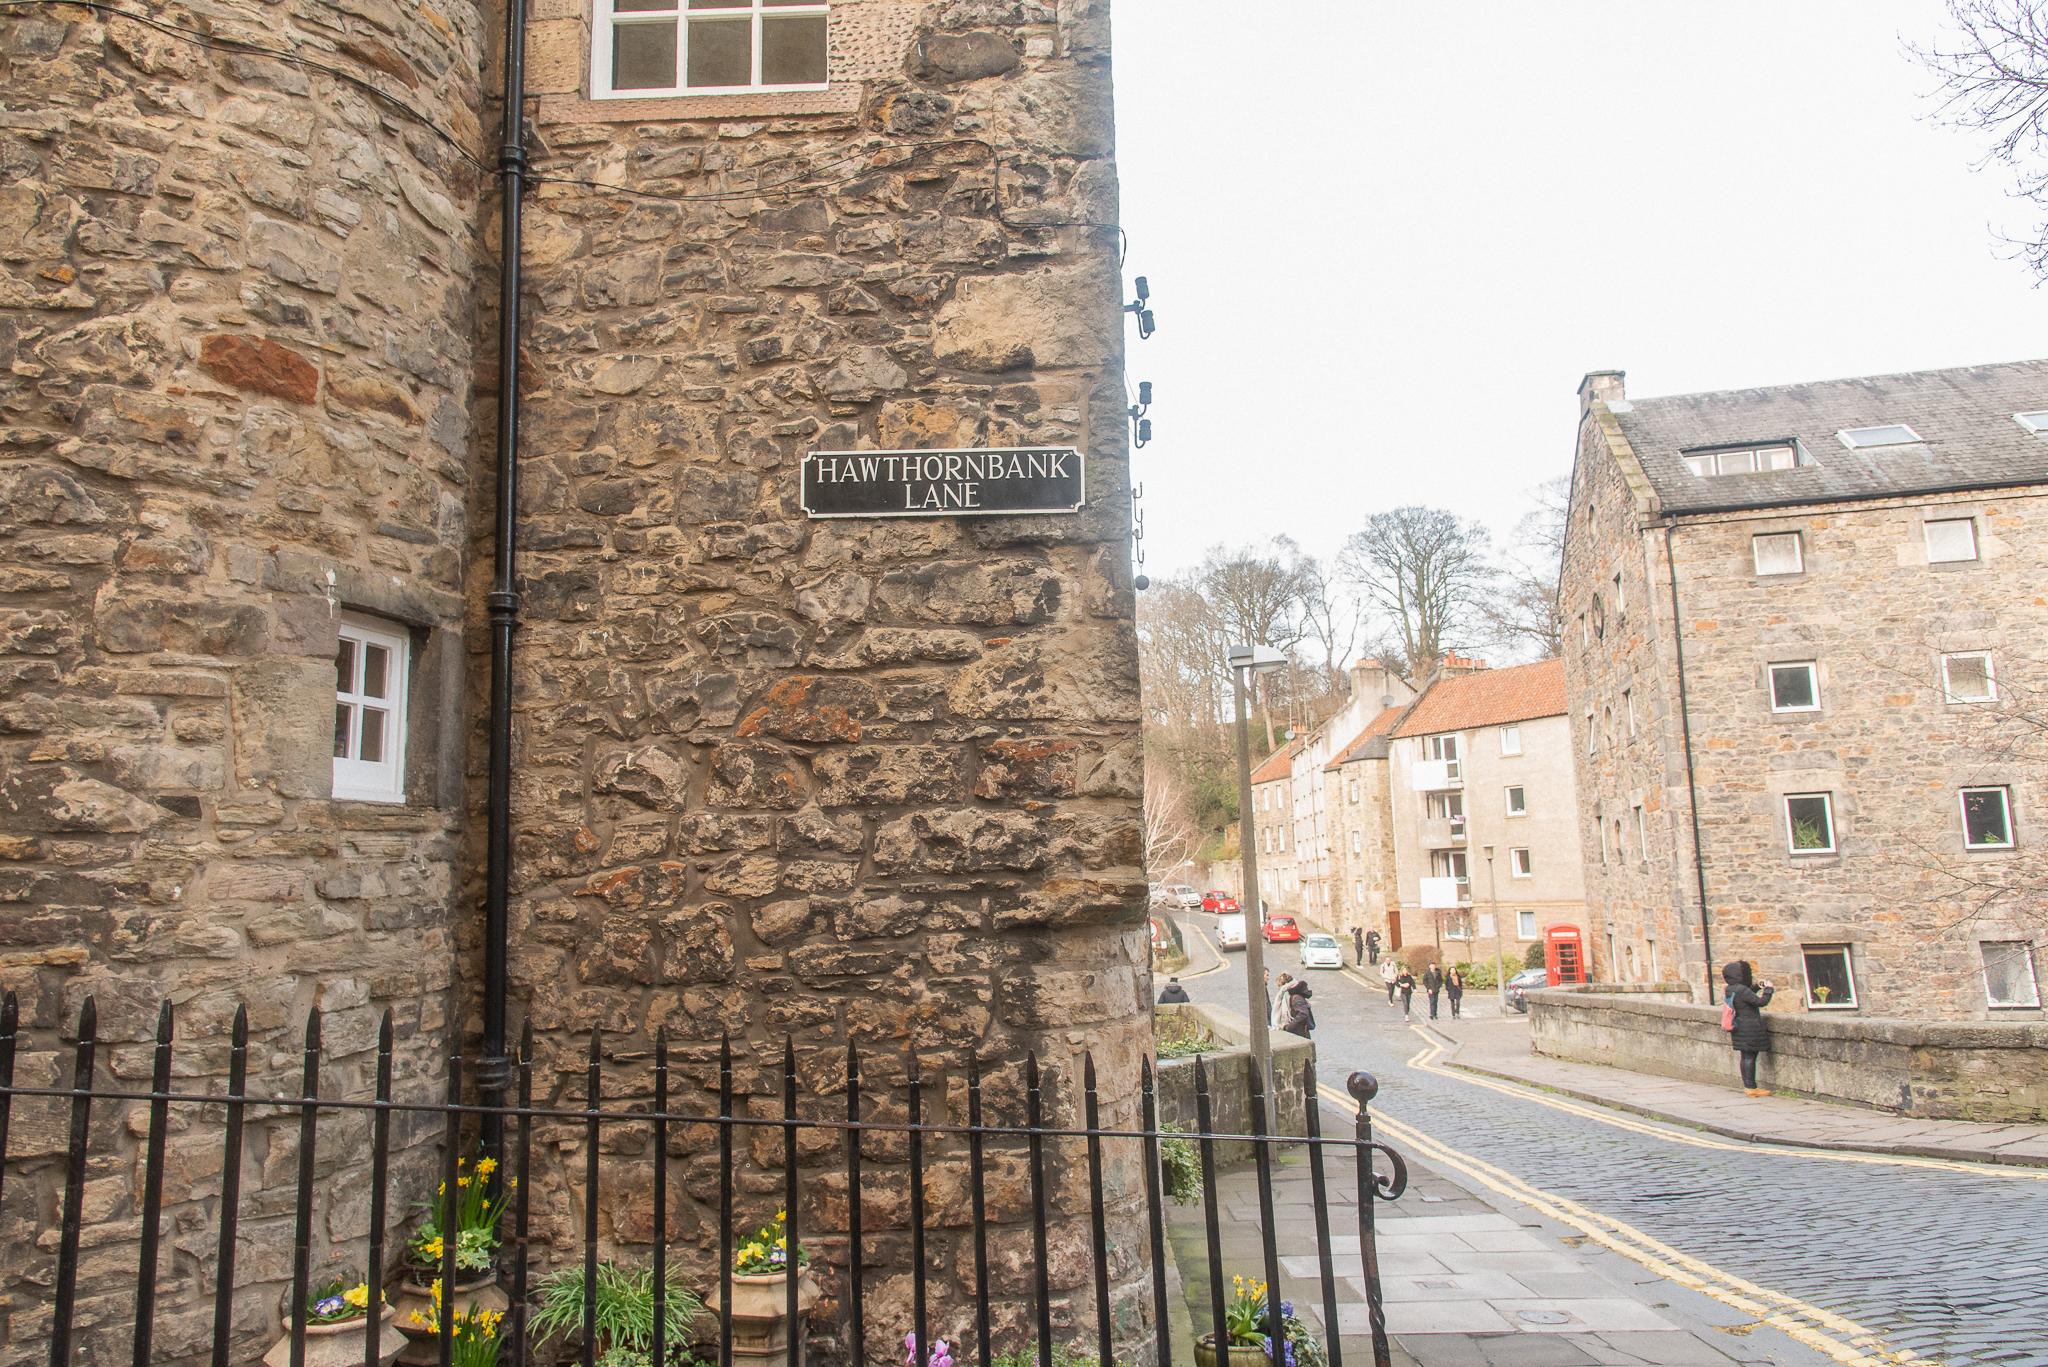 edinburgh, scotland, dean village, architecture